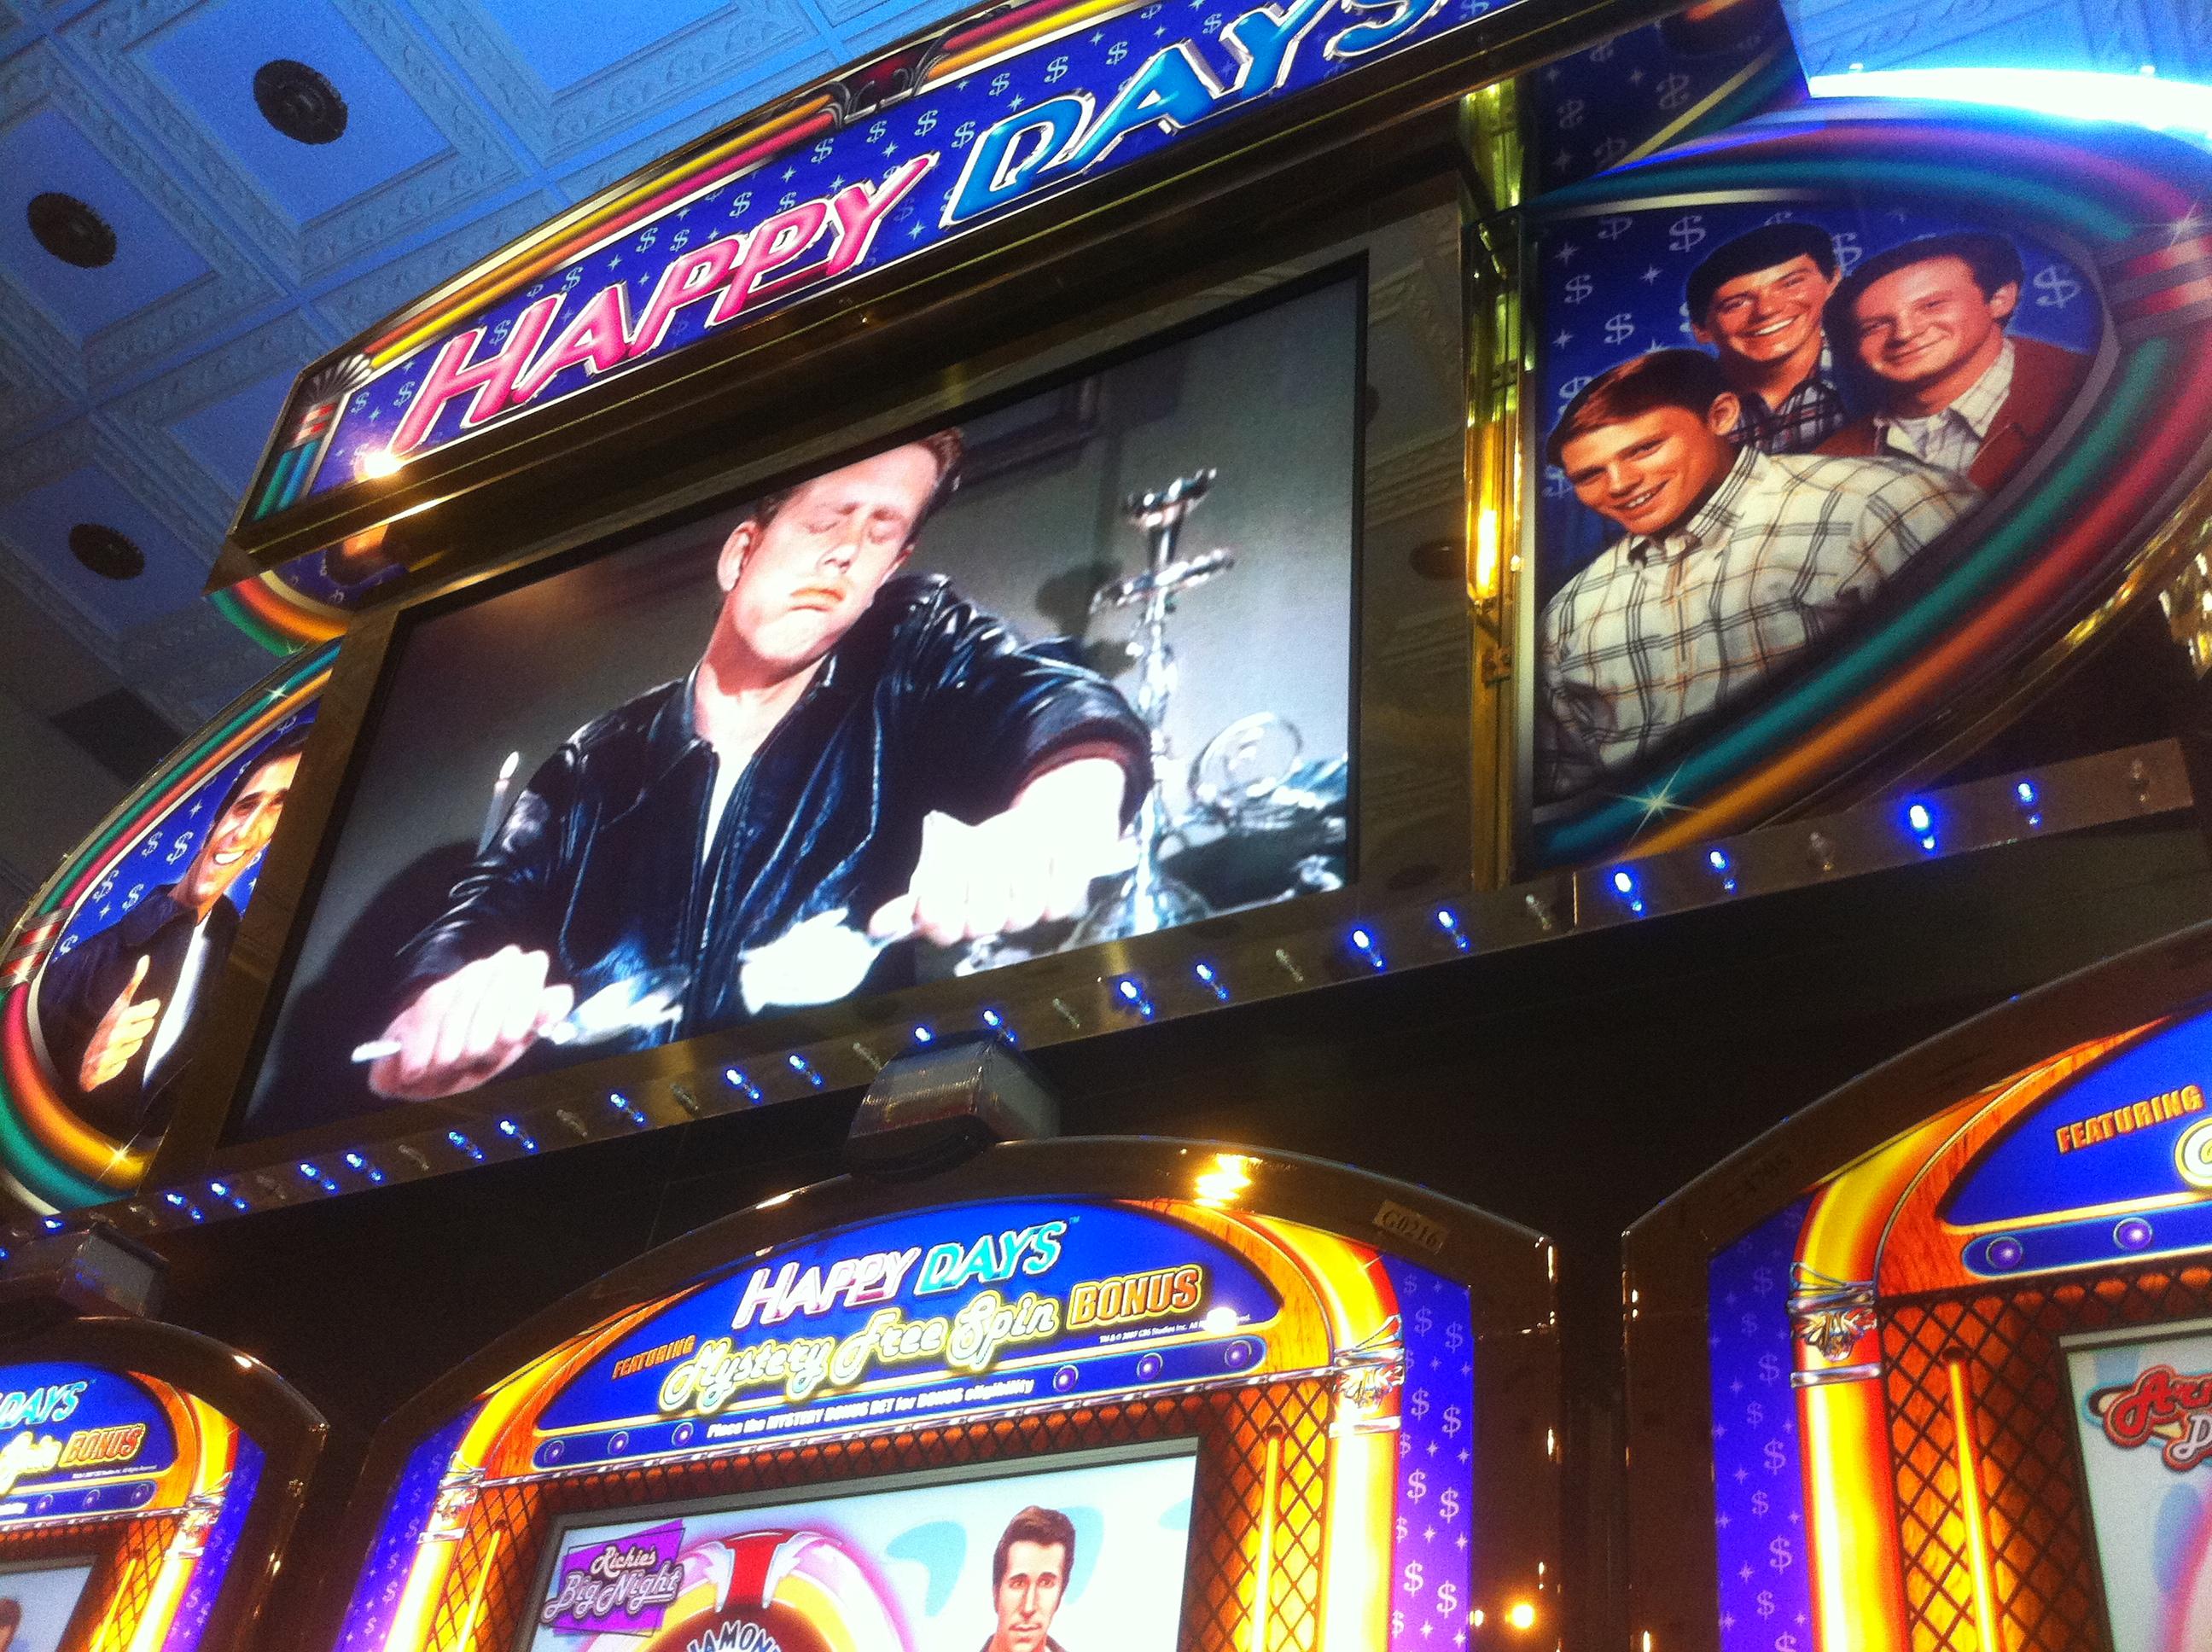 Dover downs slots reviews casino en ligne francais machine a sous